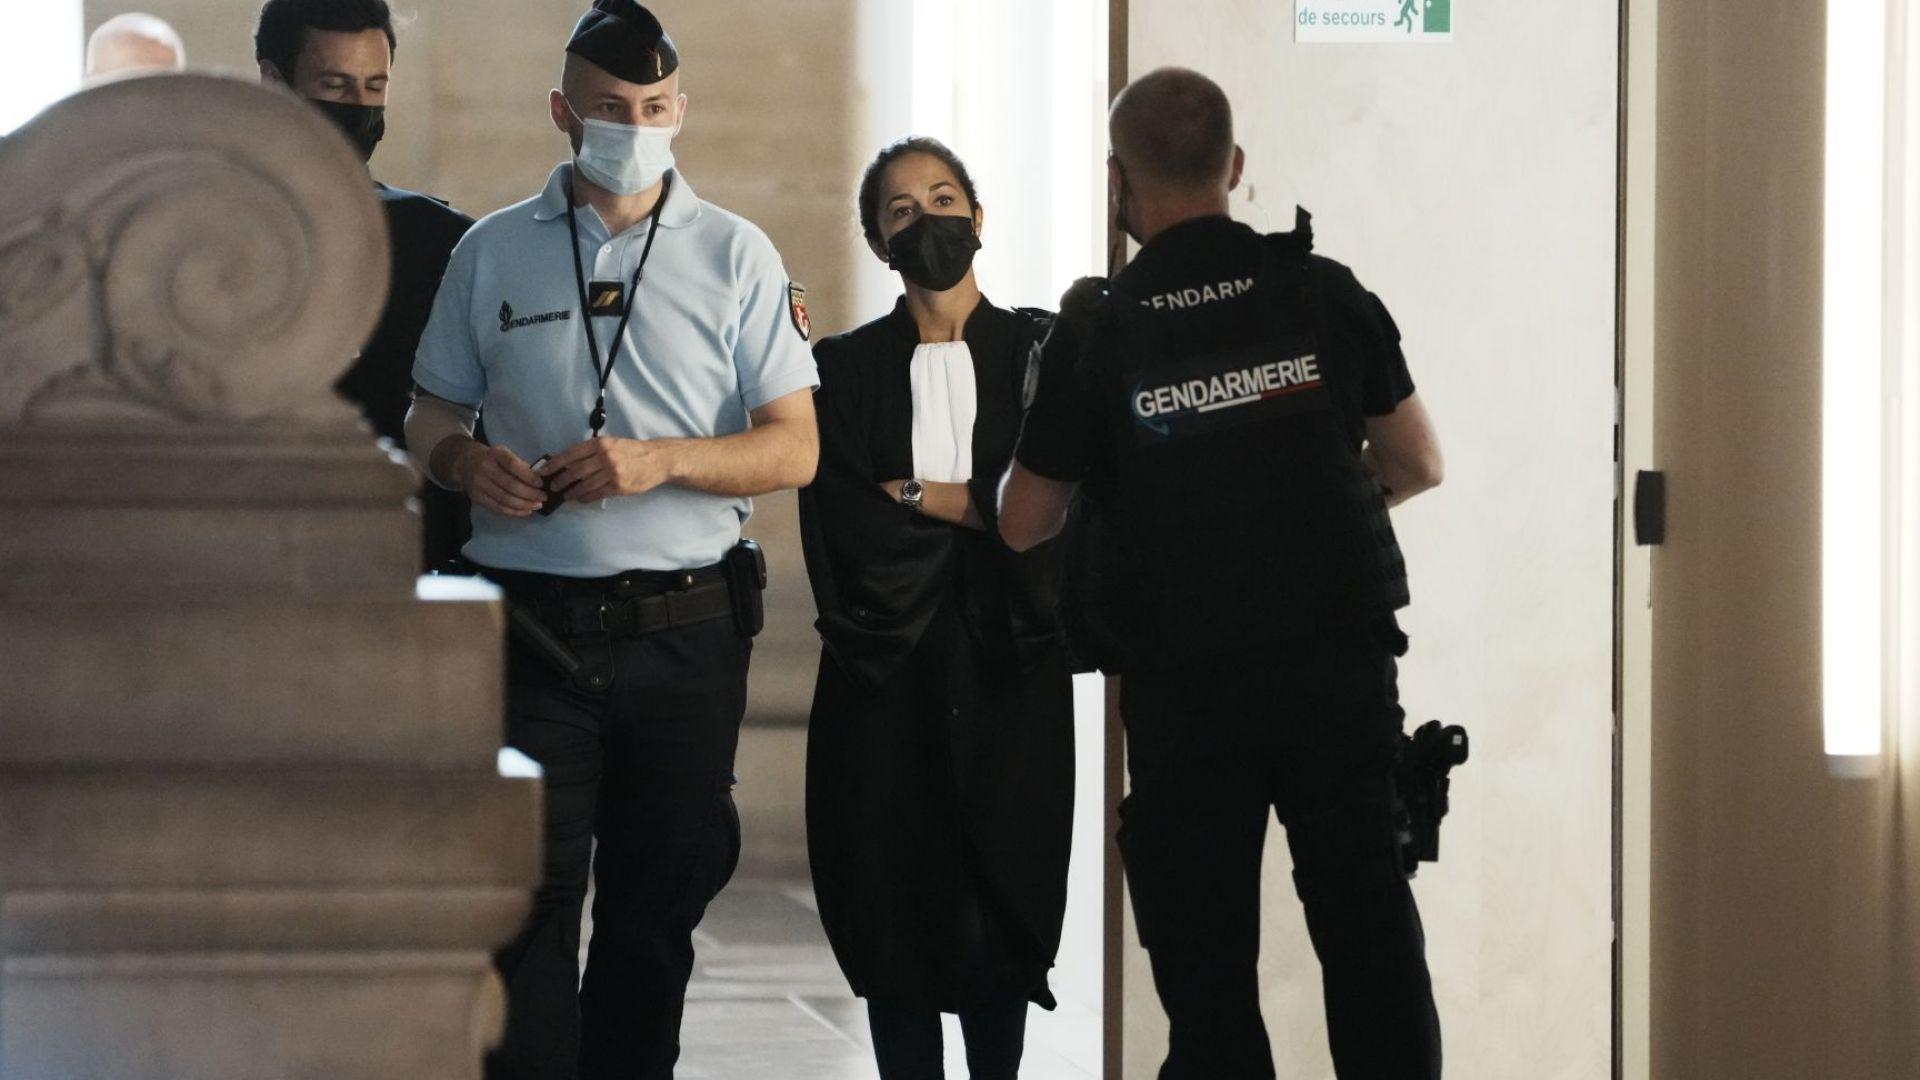 """Започна исторически процес: Съдят 20 души за атаката в """"Батаклан"""" (снимки/видео)"""